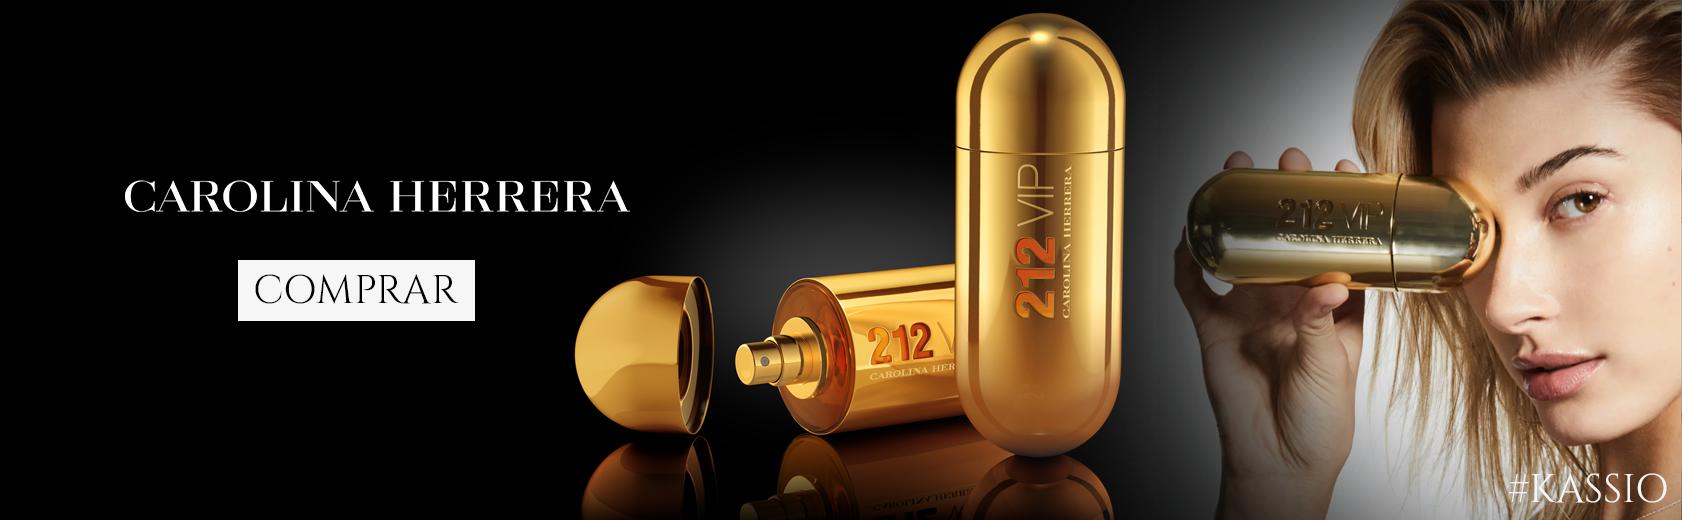 212 Vip Dourado